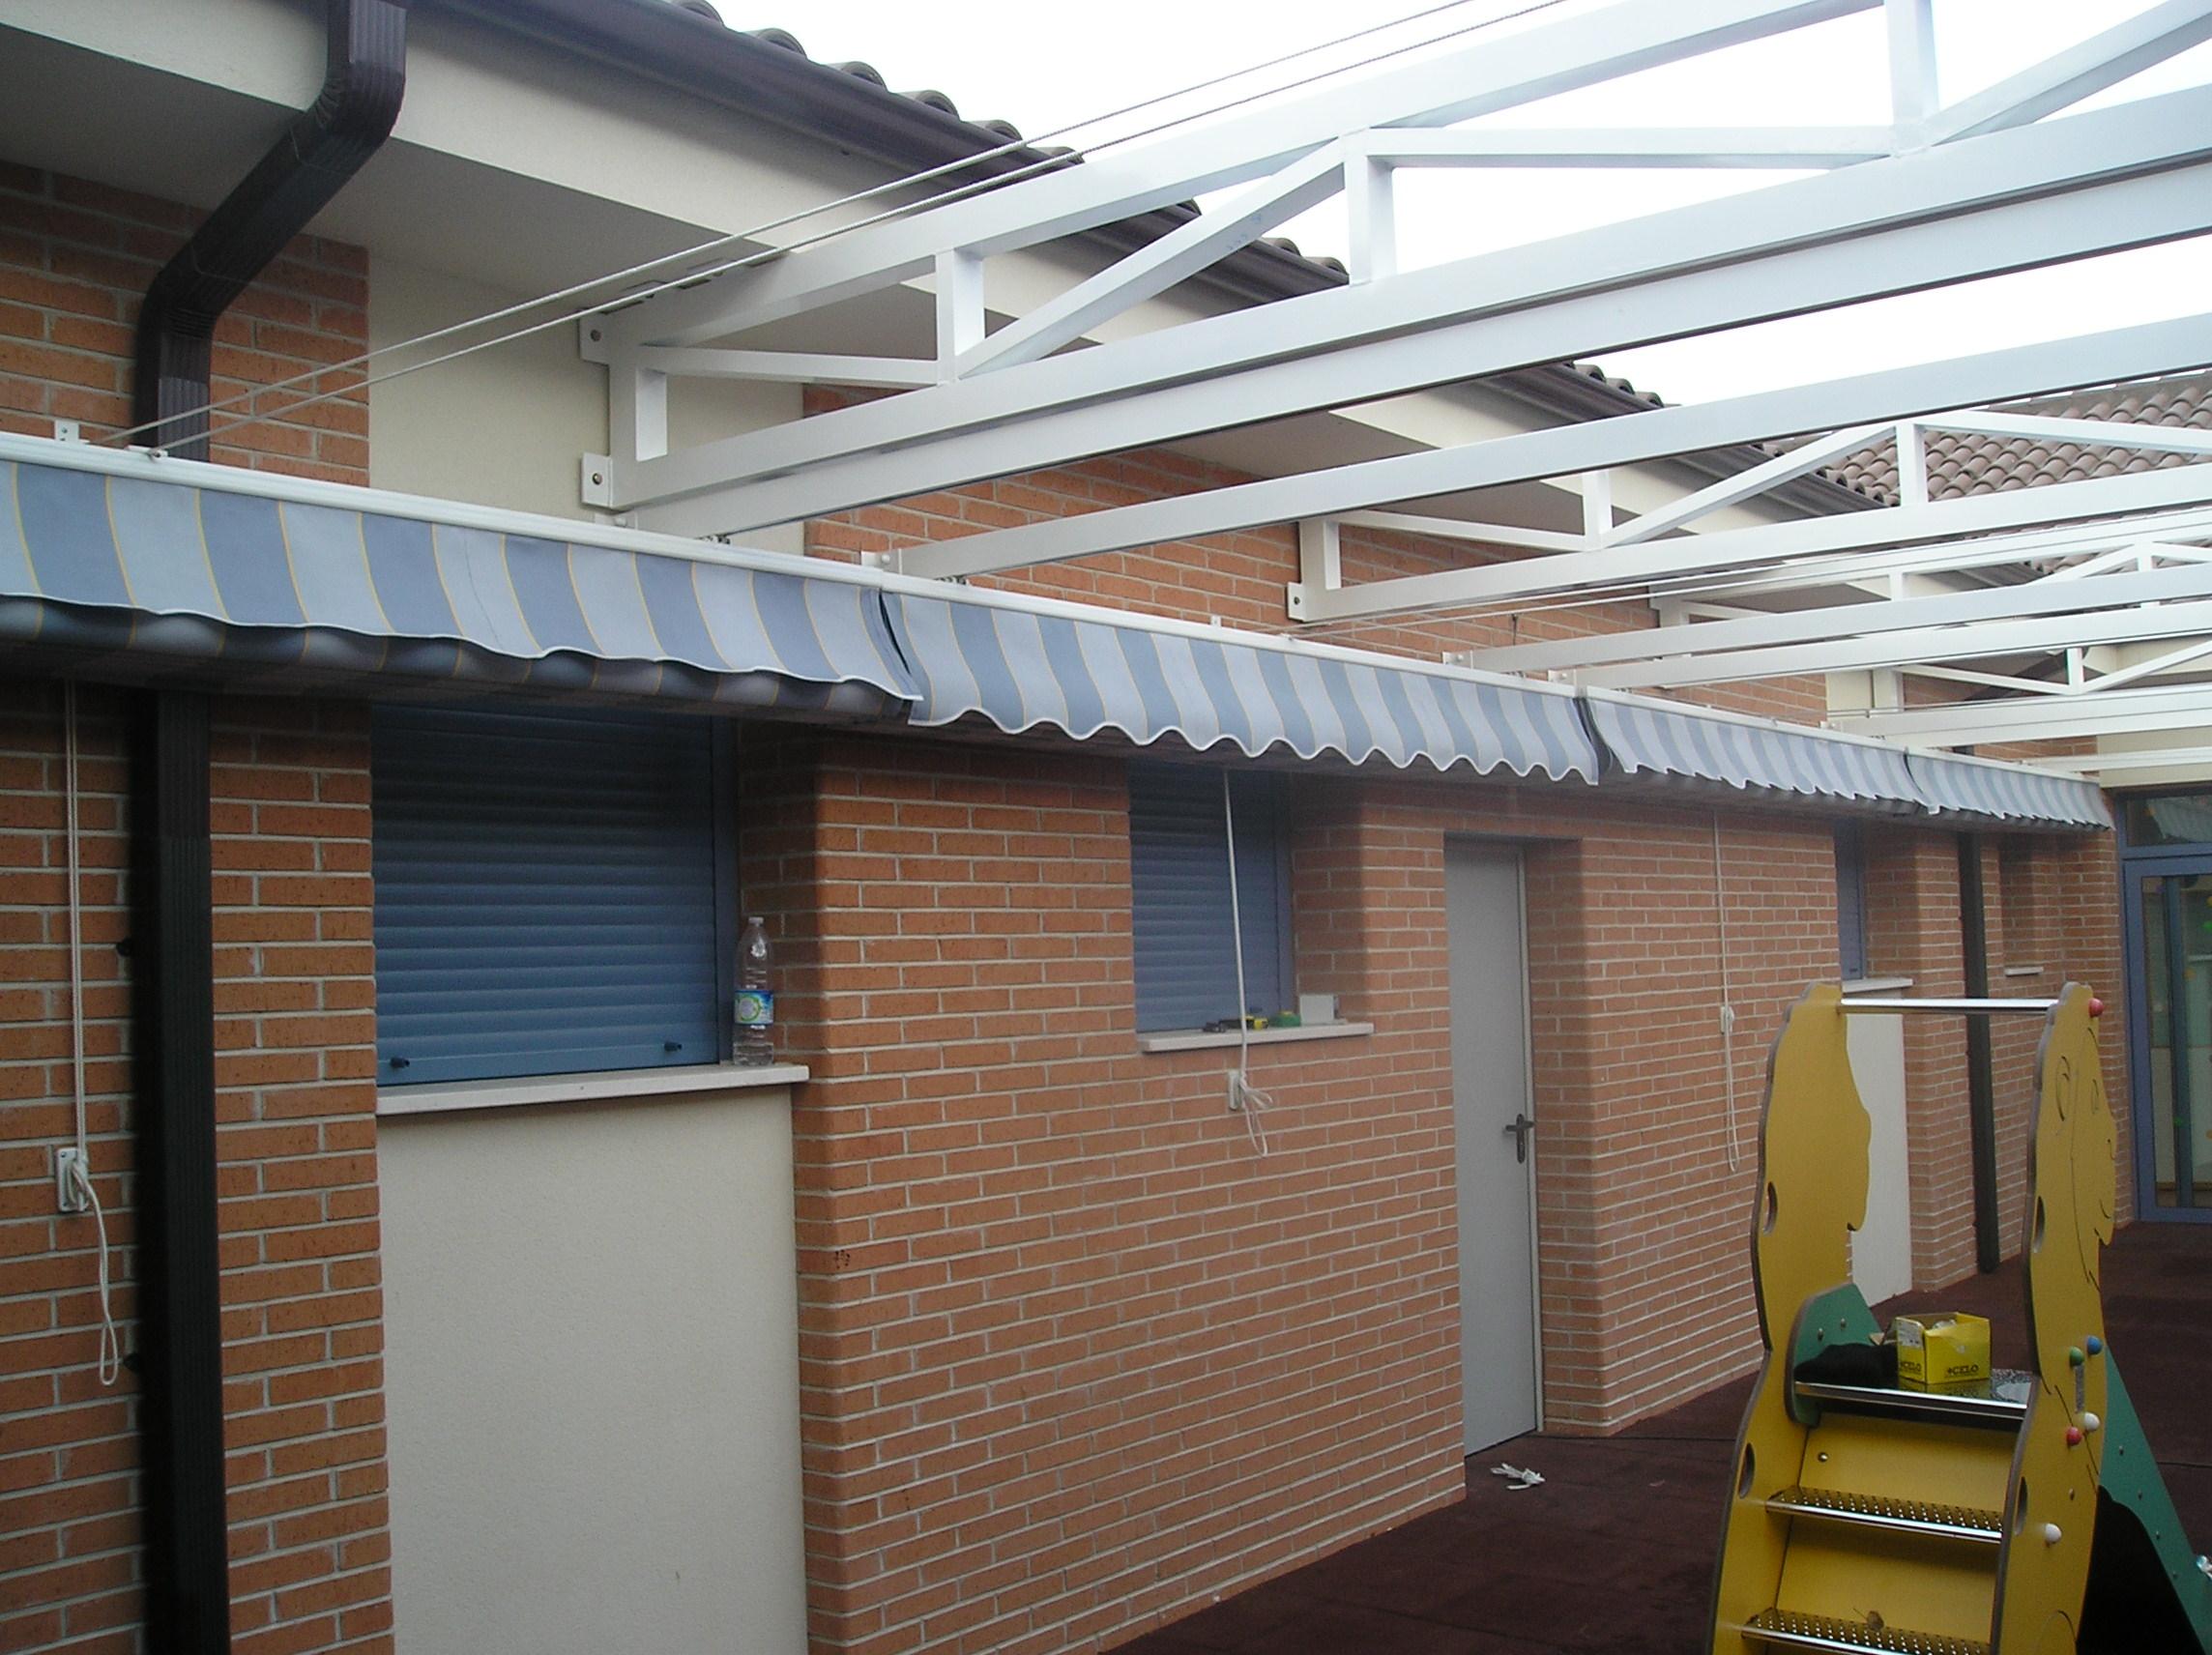 Toldos y proteccion solar cerrasan for Estructura de toldo